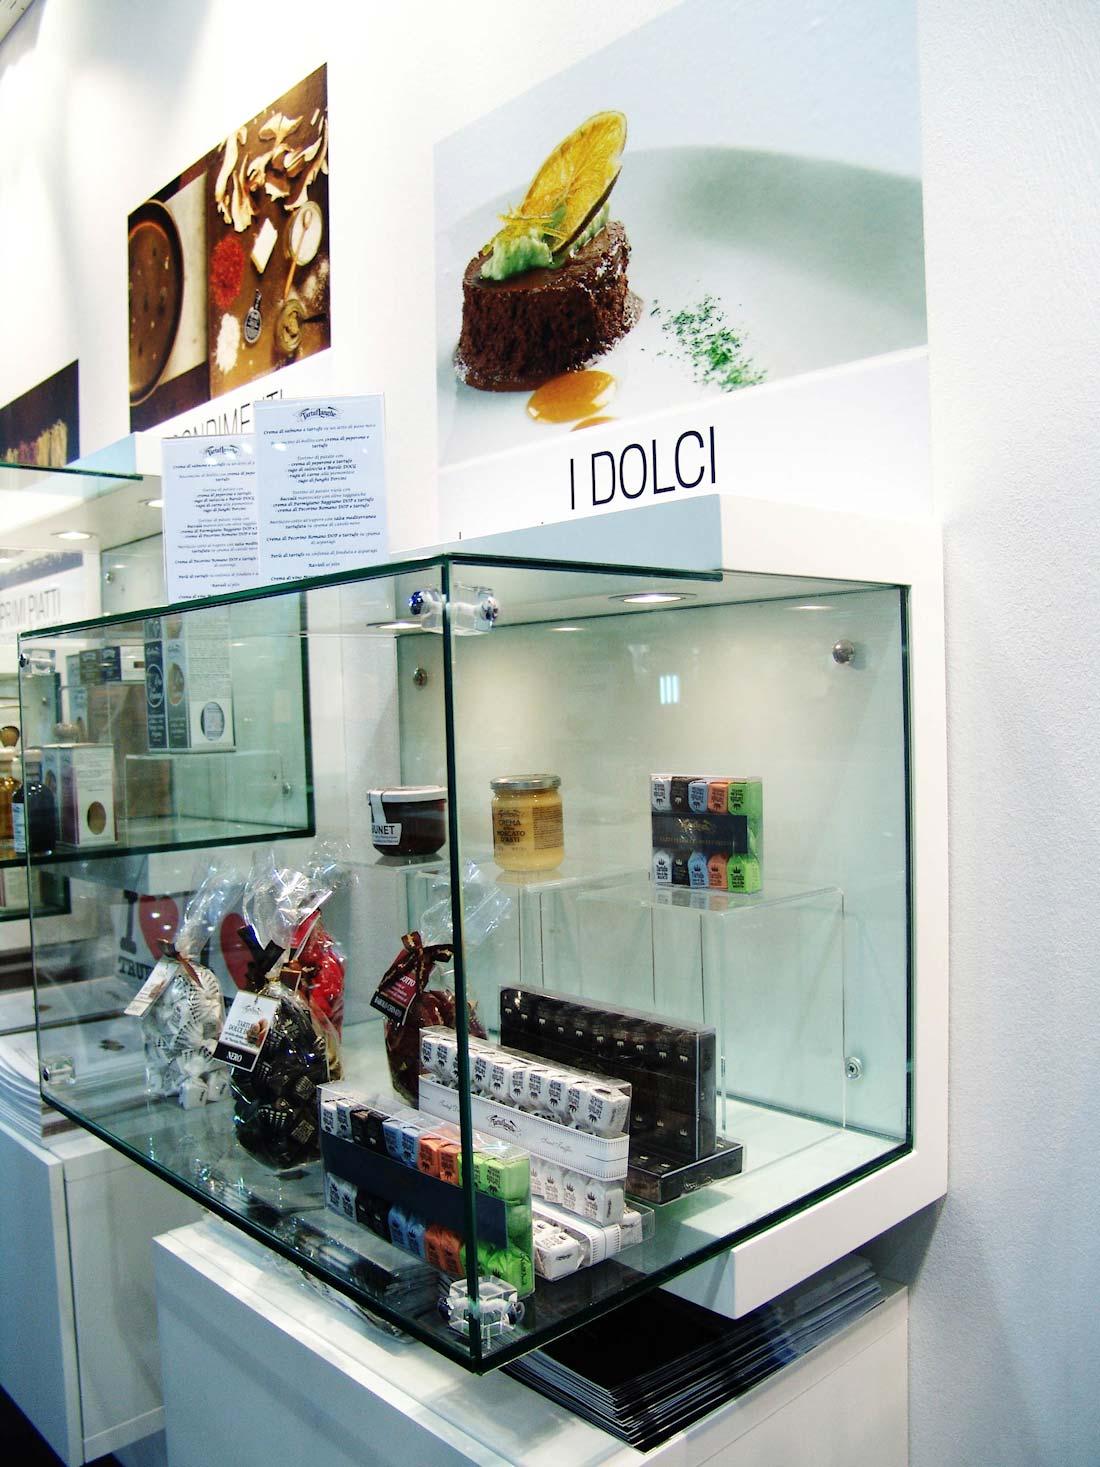 Prodotti esposti in una vetrinetta nello stand Tartuflanghe allestito in occasione dell'esposizione internazionale Tuttofood 2013 al quartiere fieristico di Milano